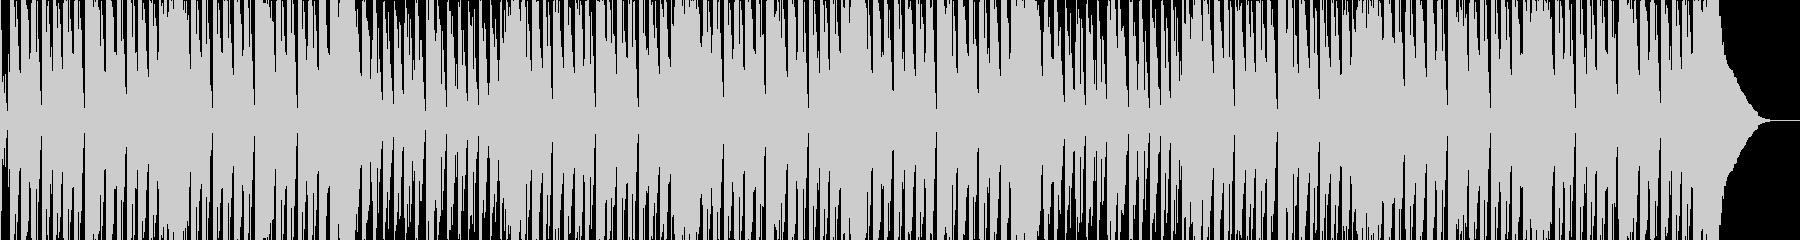 CMや動画に、軽快でかわいいポップスの未再生の波形